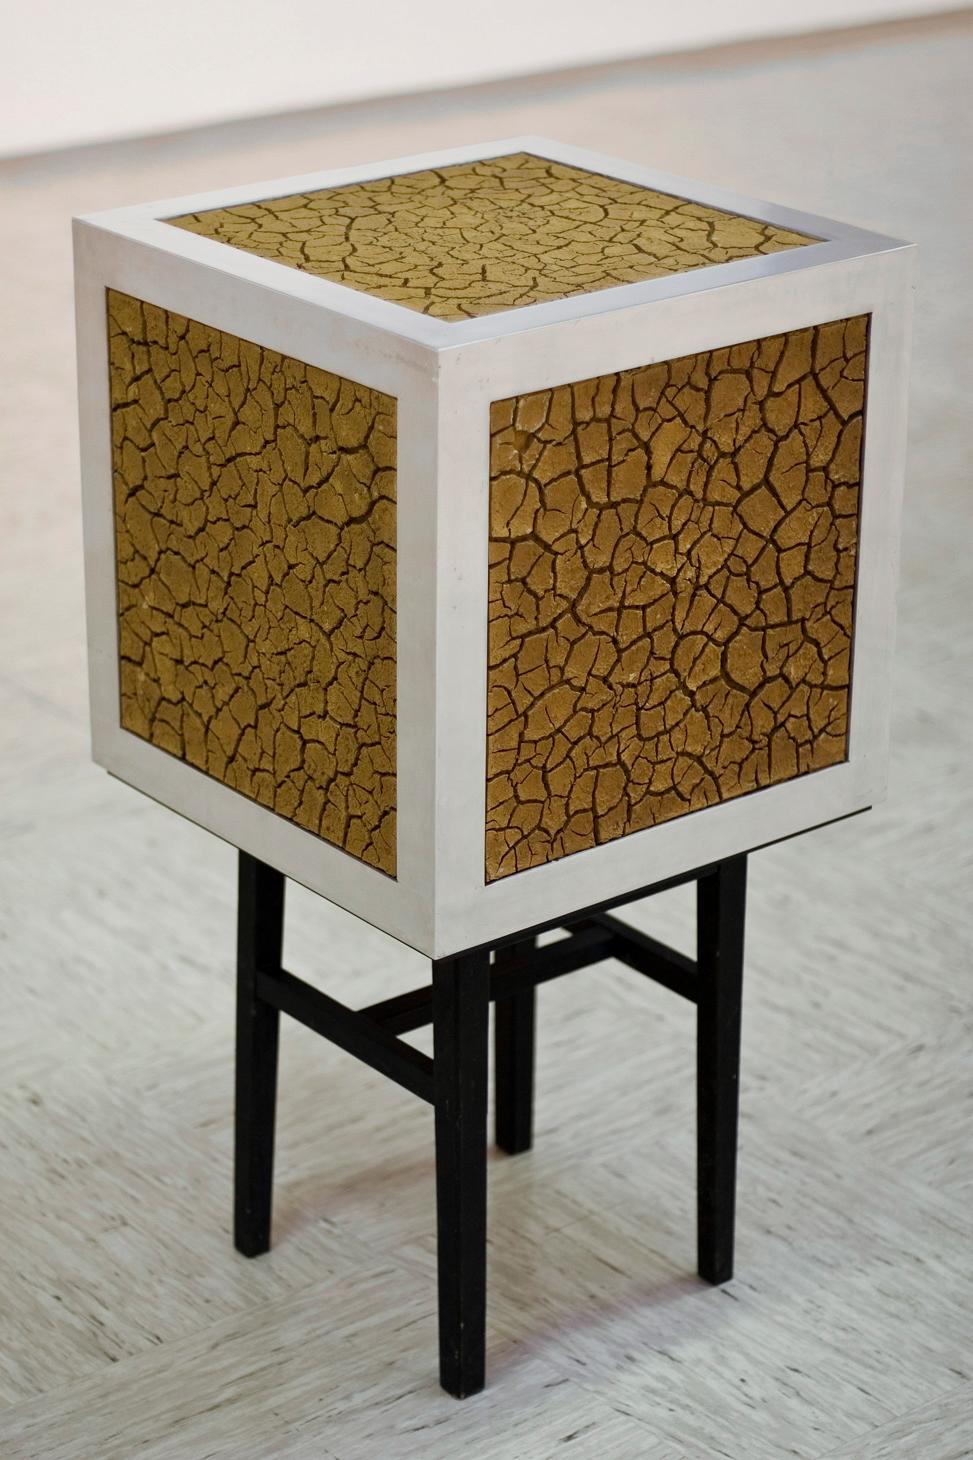 zemlja, les, aluminij, 45 x 45 x 45 cm, 1997